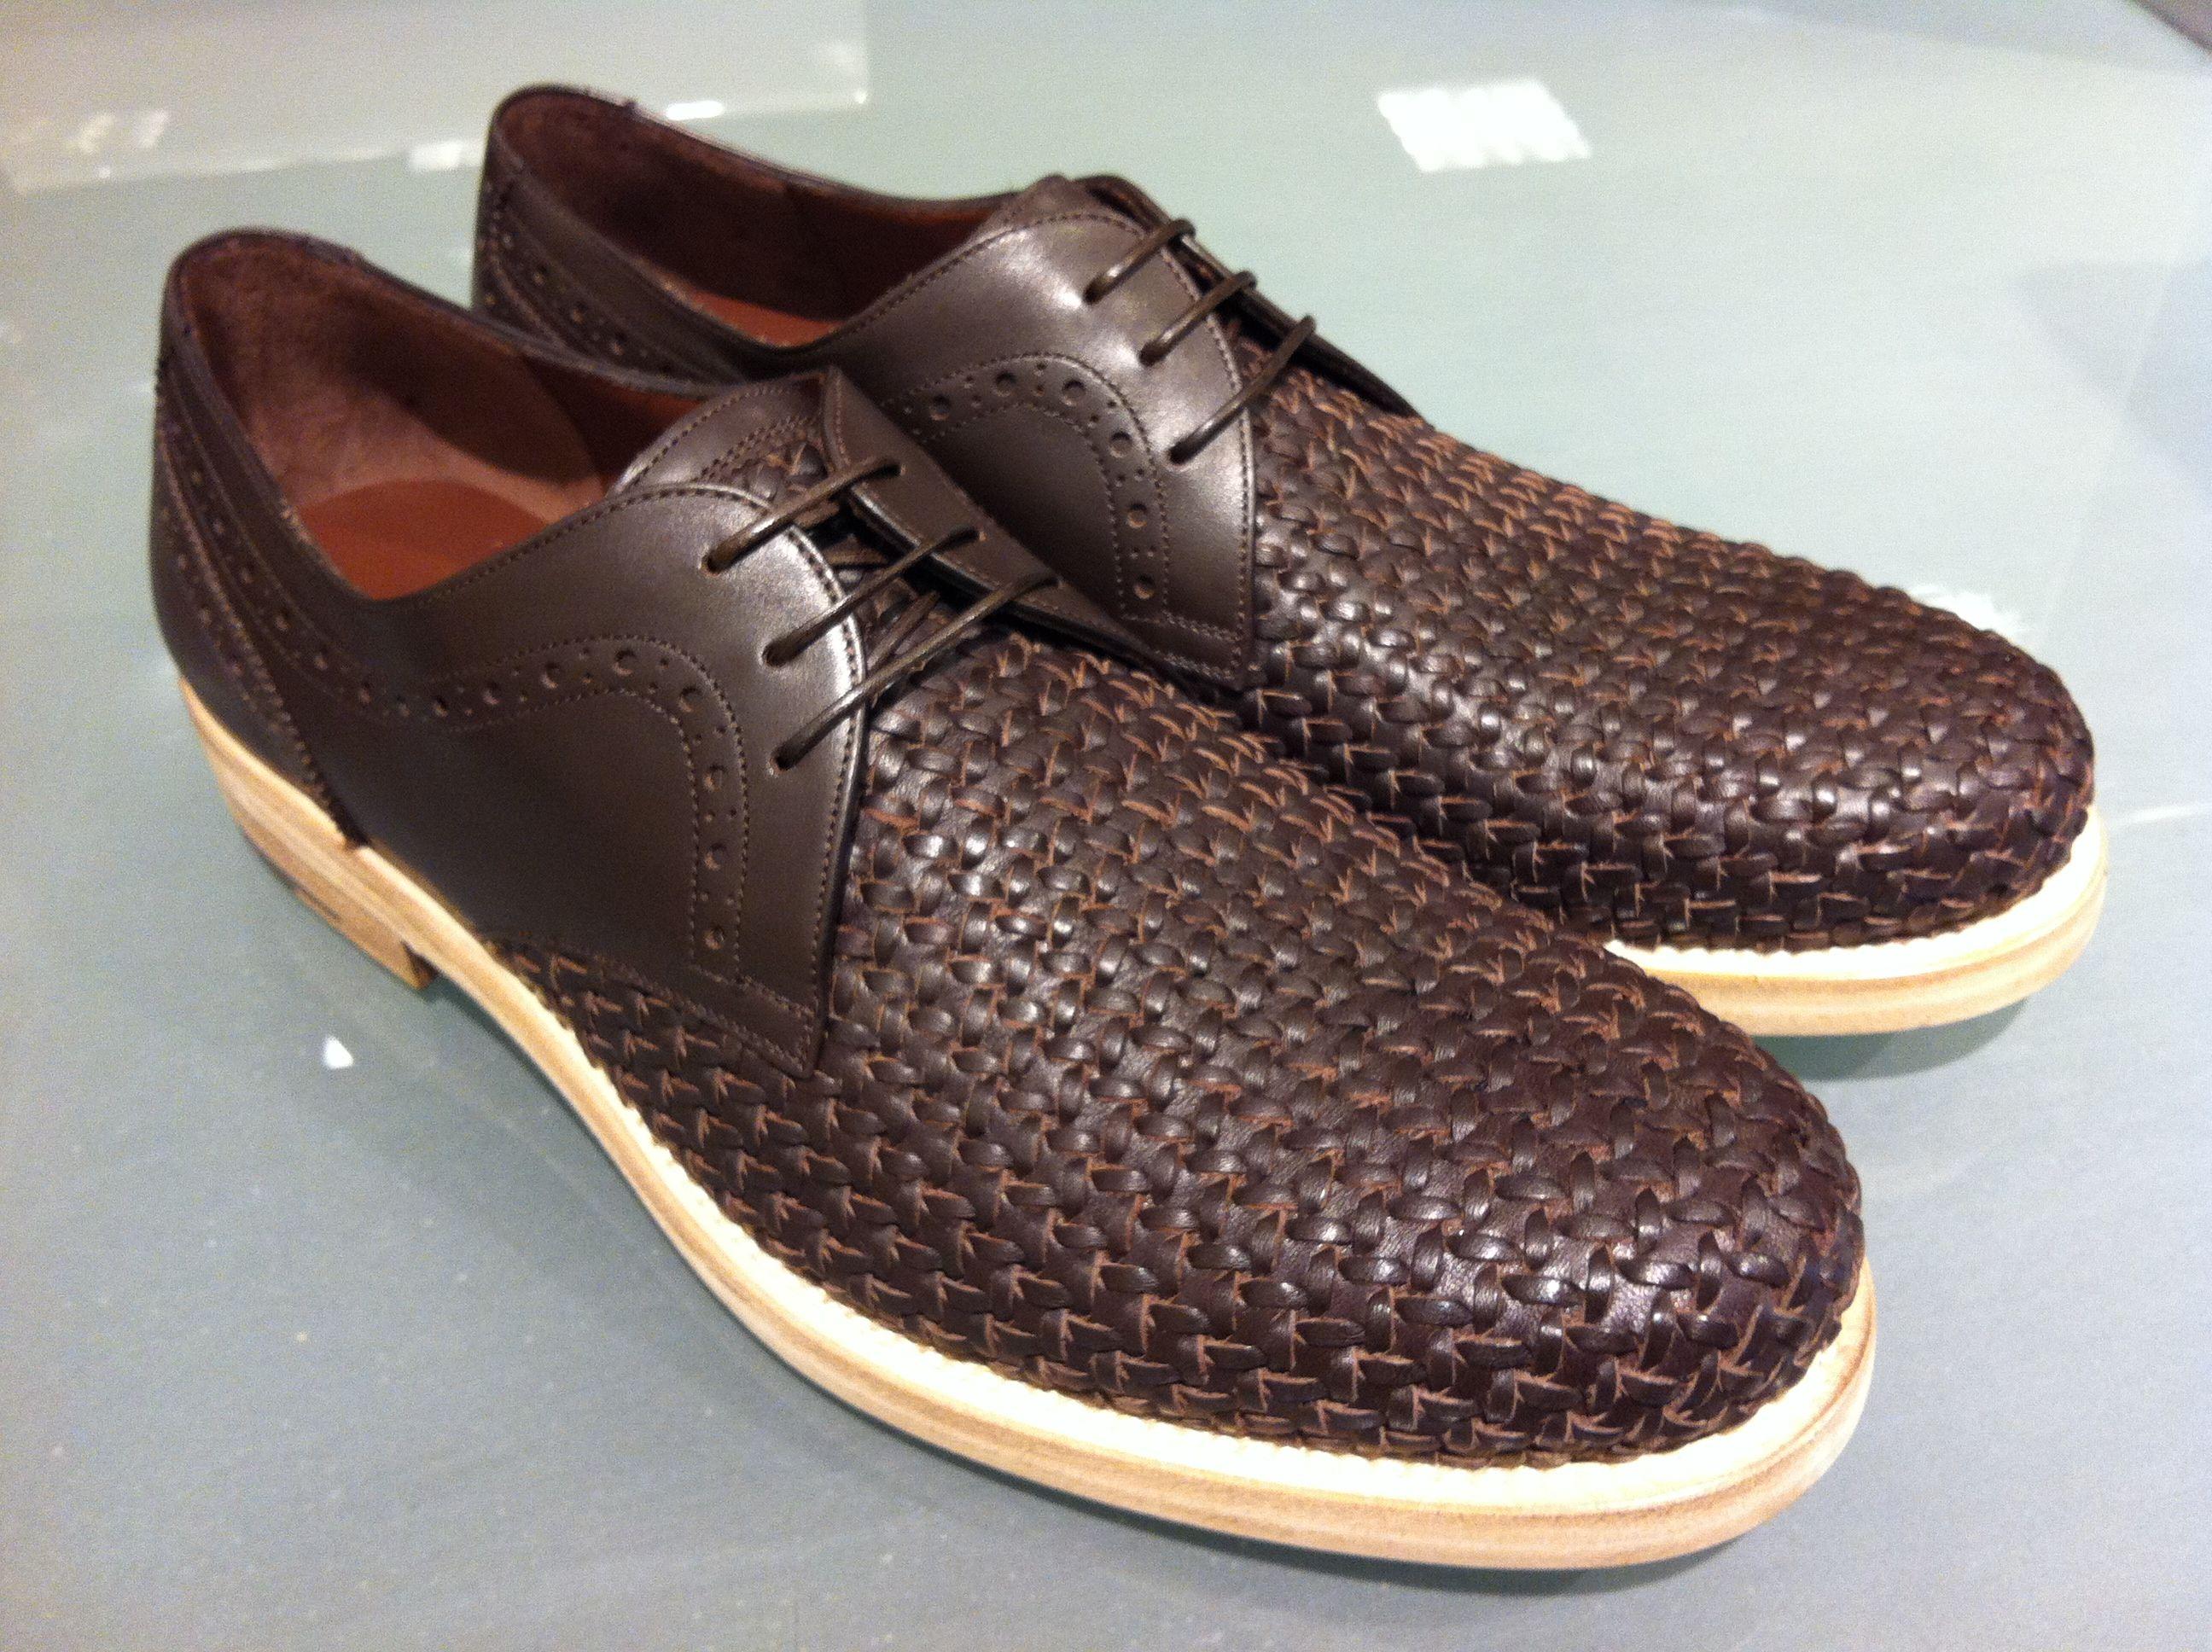 86404711eeff Ferragamo Bario at Nordstrom Men s Shoes in Paramus